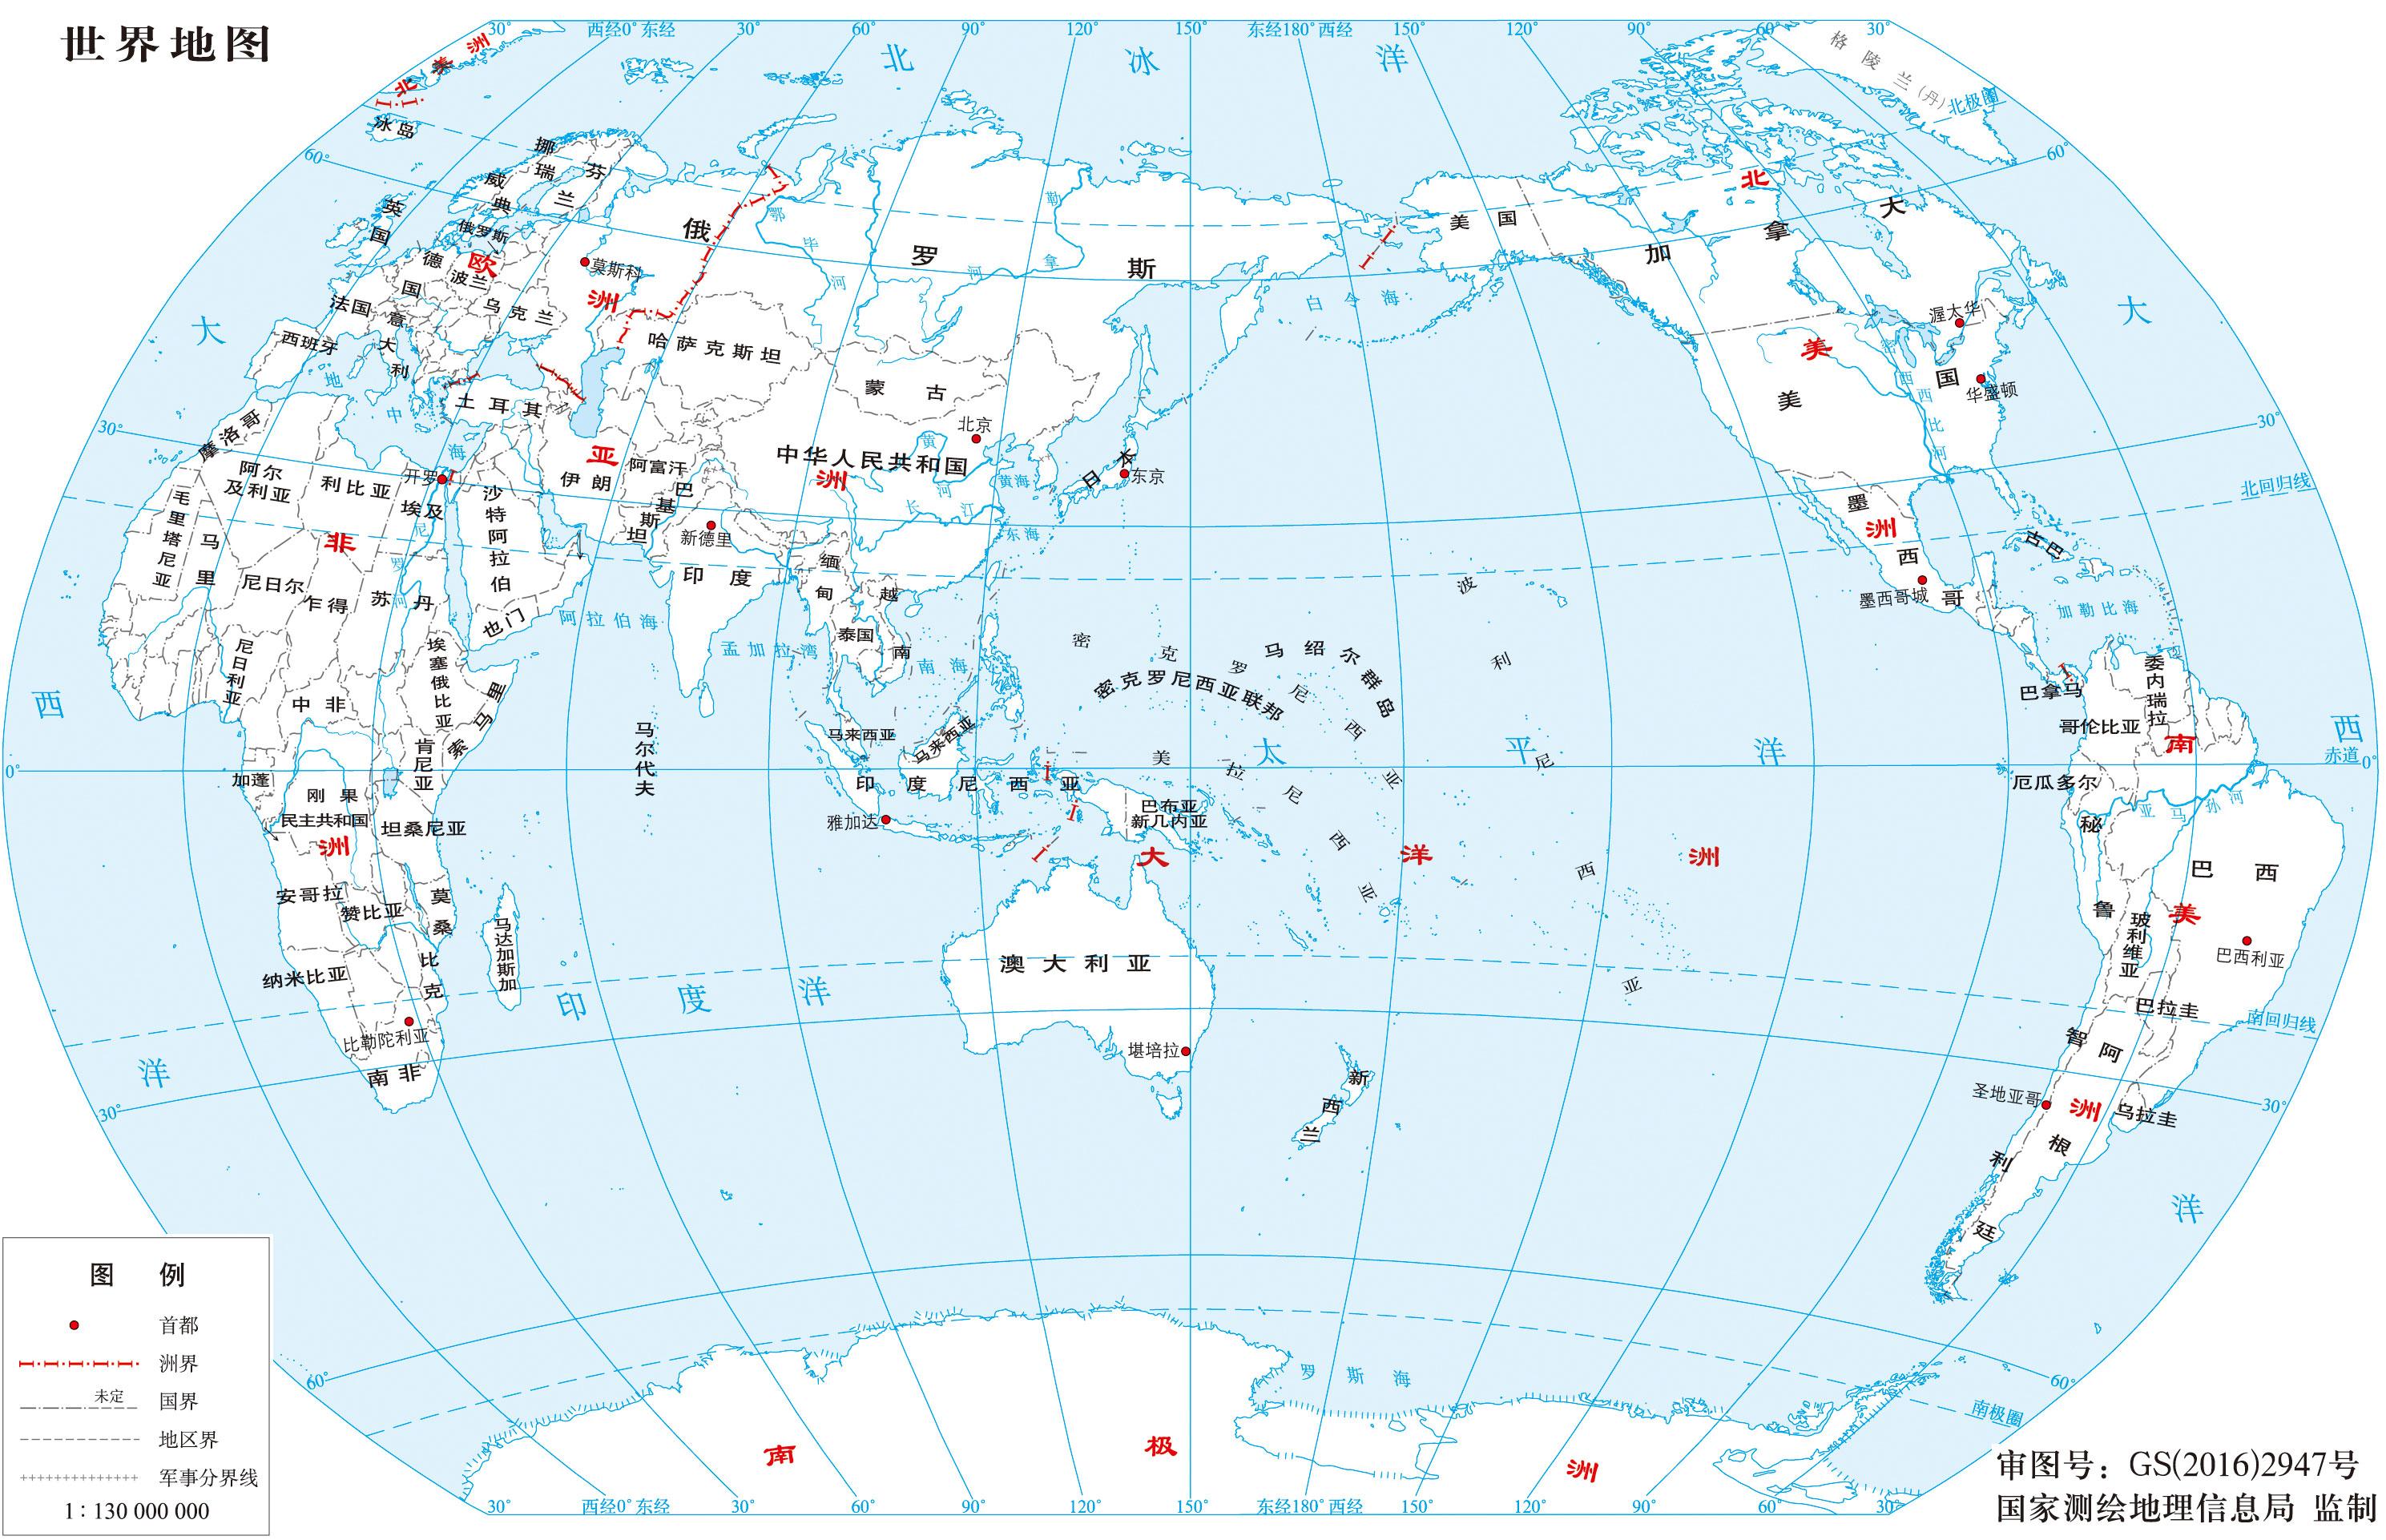 地图库 世界地图 >> 世界地图高清版大图    世界各国 | 中国各地